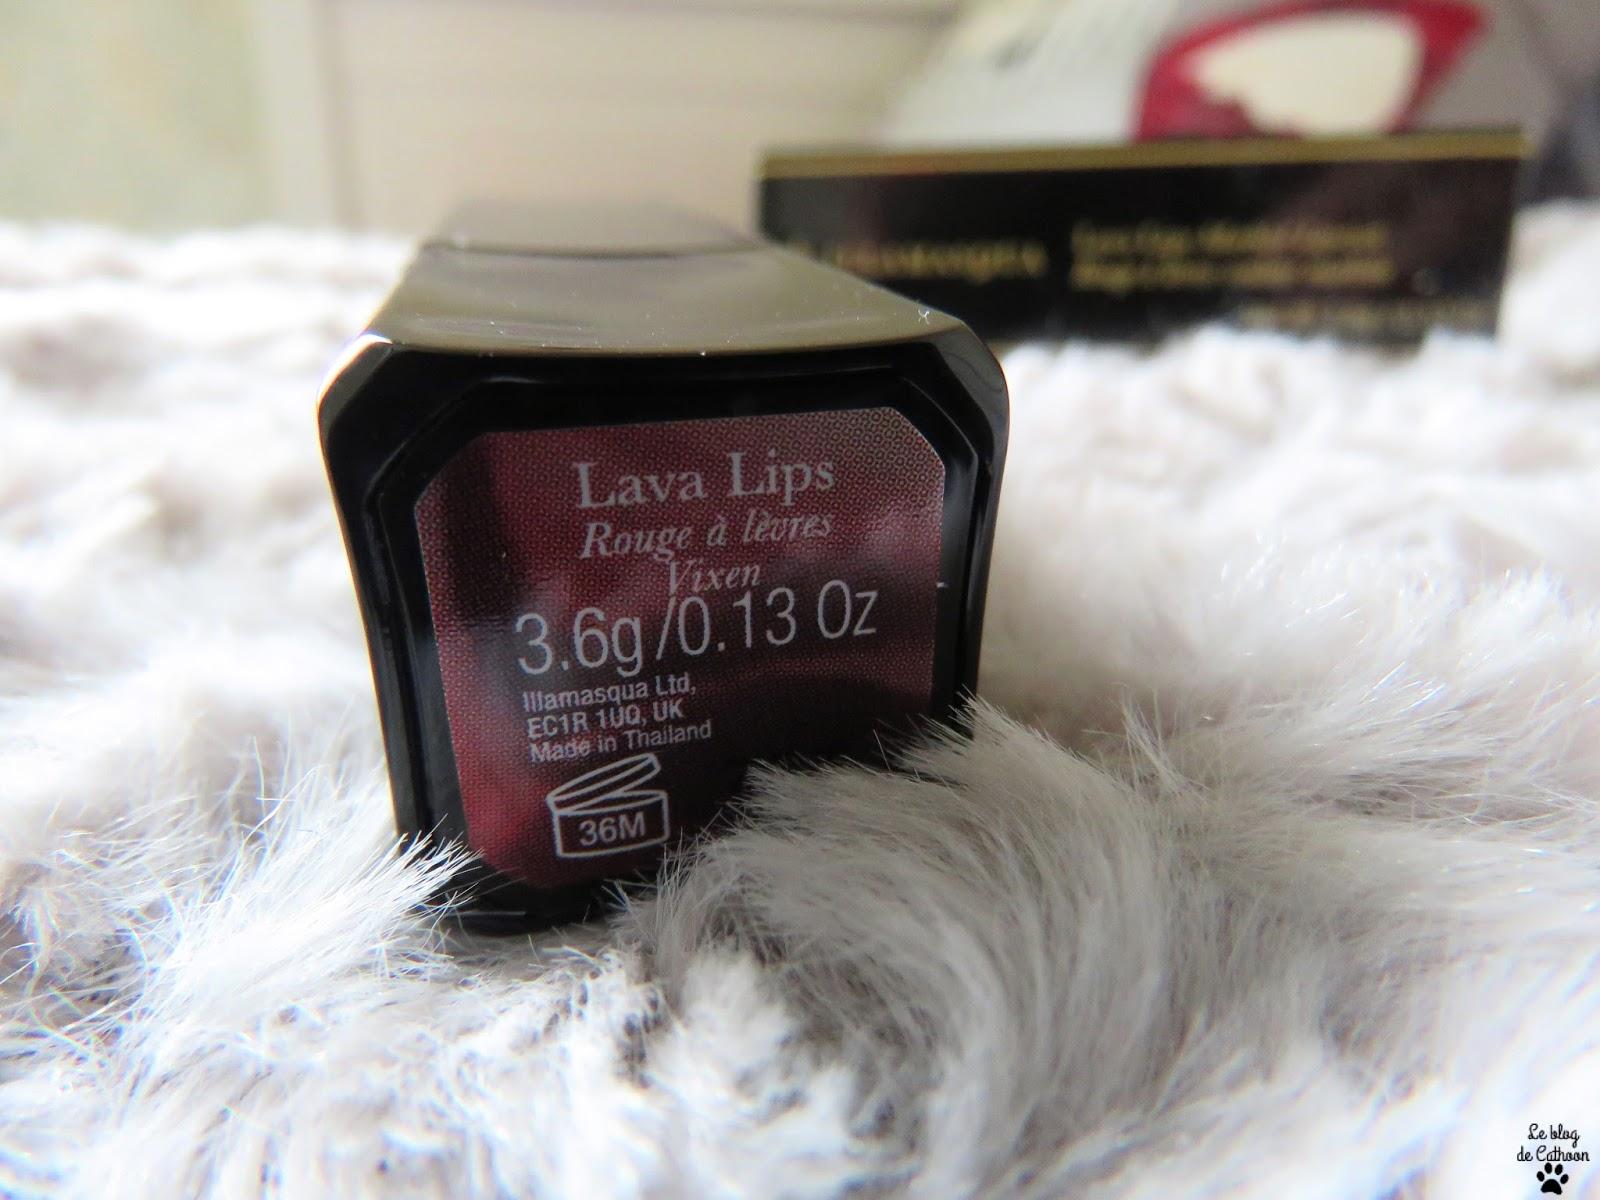 Rouge à lèvres couleur marbré - Vixen - Laval Lips - Illamasqua